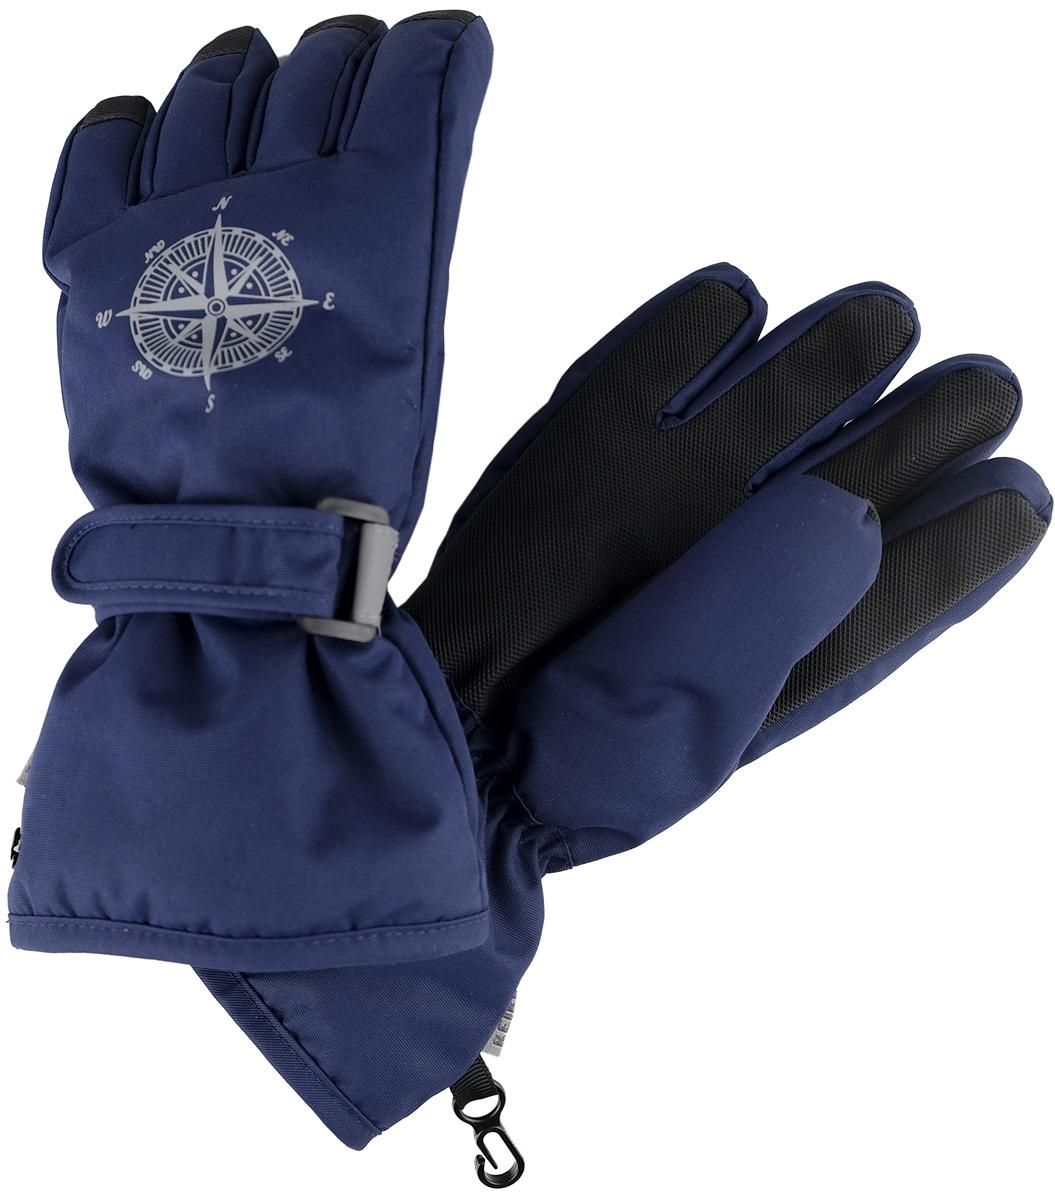 Перчатки для мальчика Reike, цвет: темно-синий. RW18_MP navy. Размер 9 перчатки reike